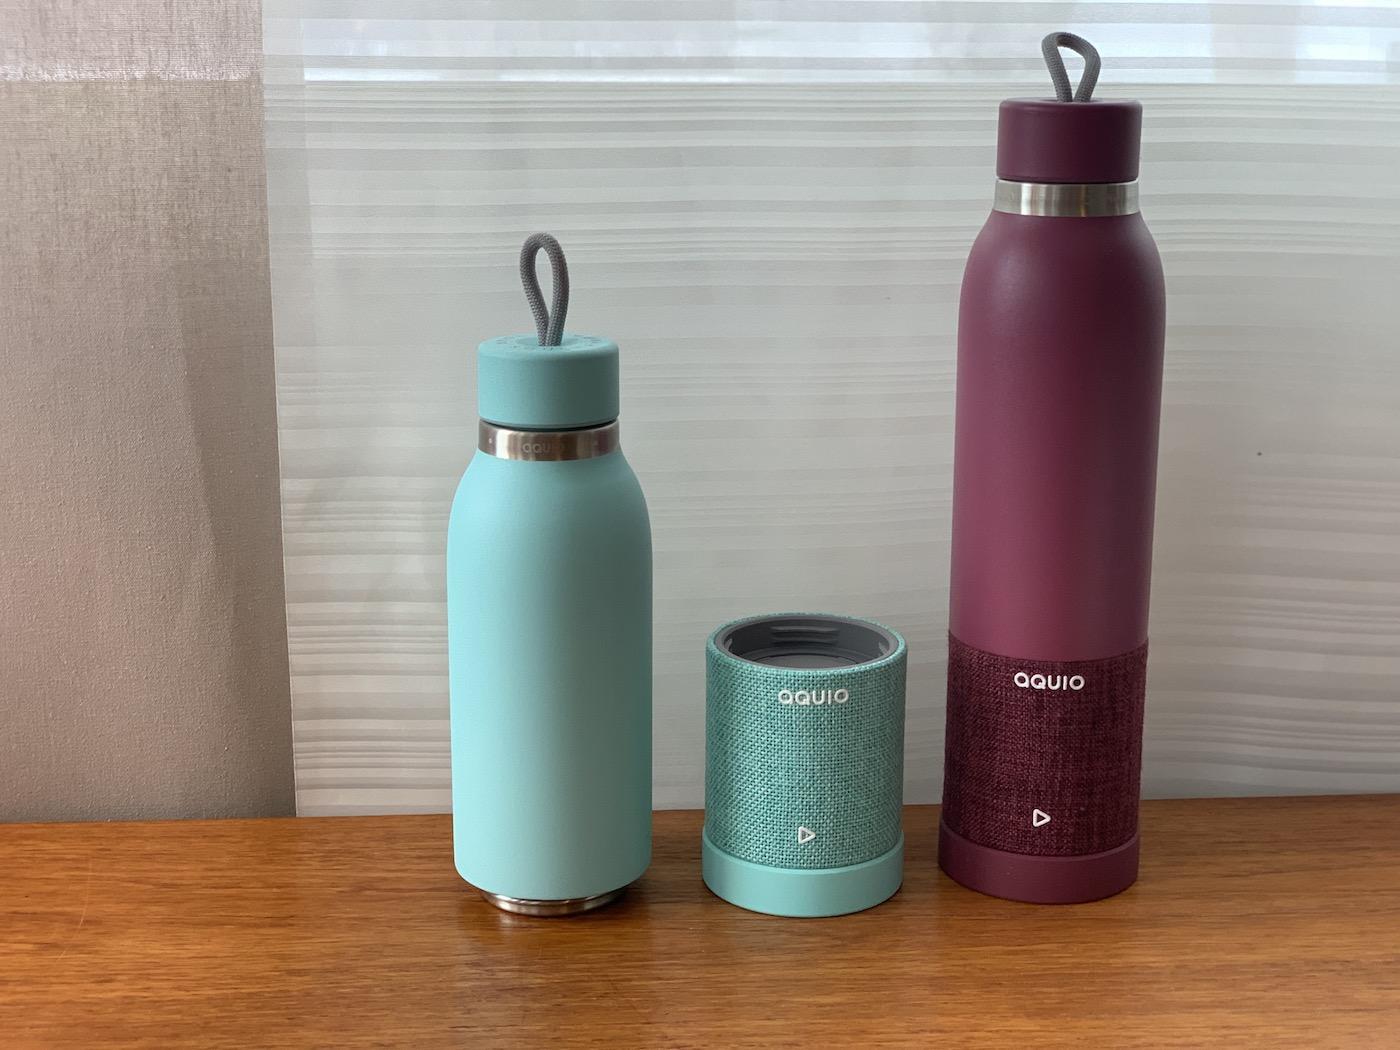 35cbd3578d iHome Aquio IBTB2 water bottle speaker review   Best Buy Blog